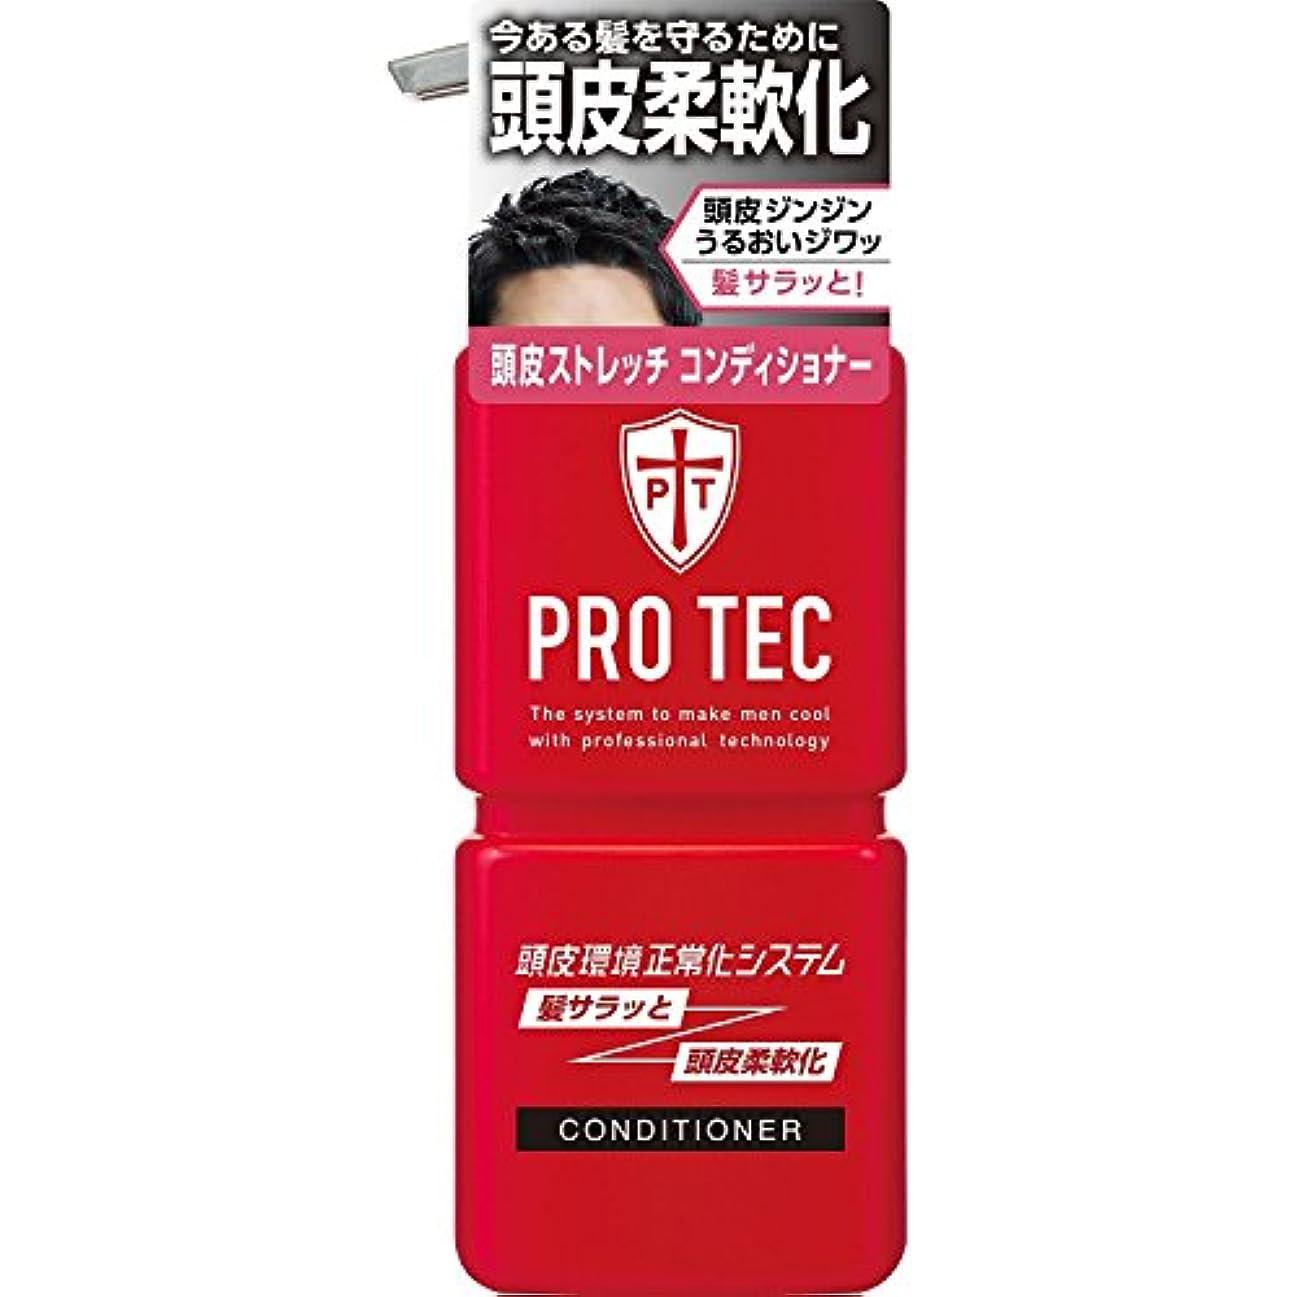 呼び起こす同級生個人PRO TEC(プロテク) 頭皮ストレッチ コンディショナー 本体ポンプ 300g